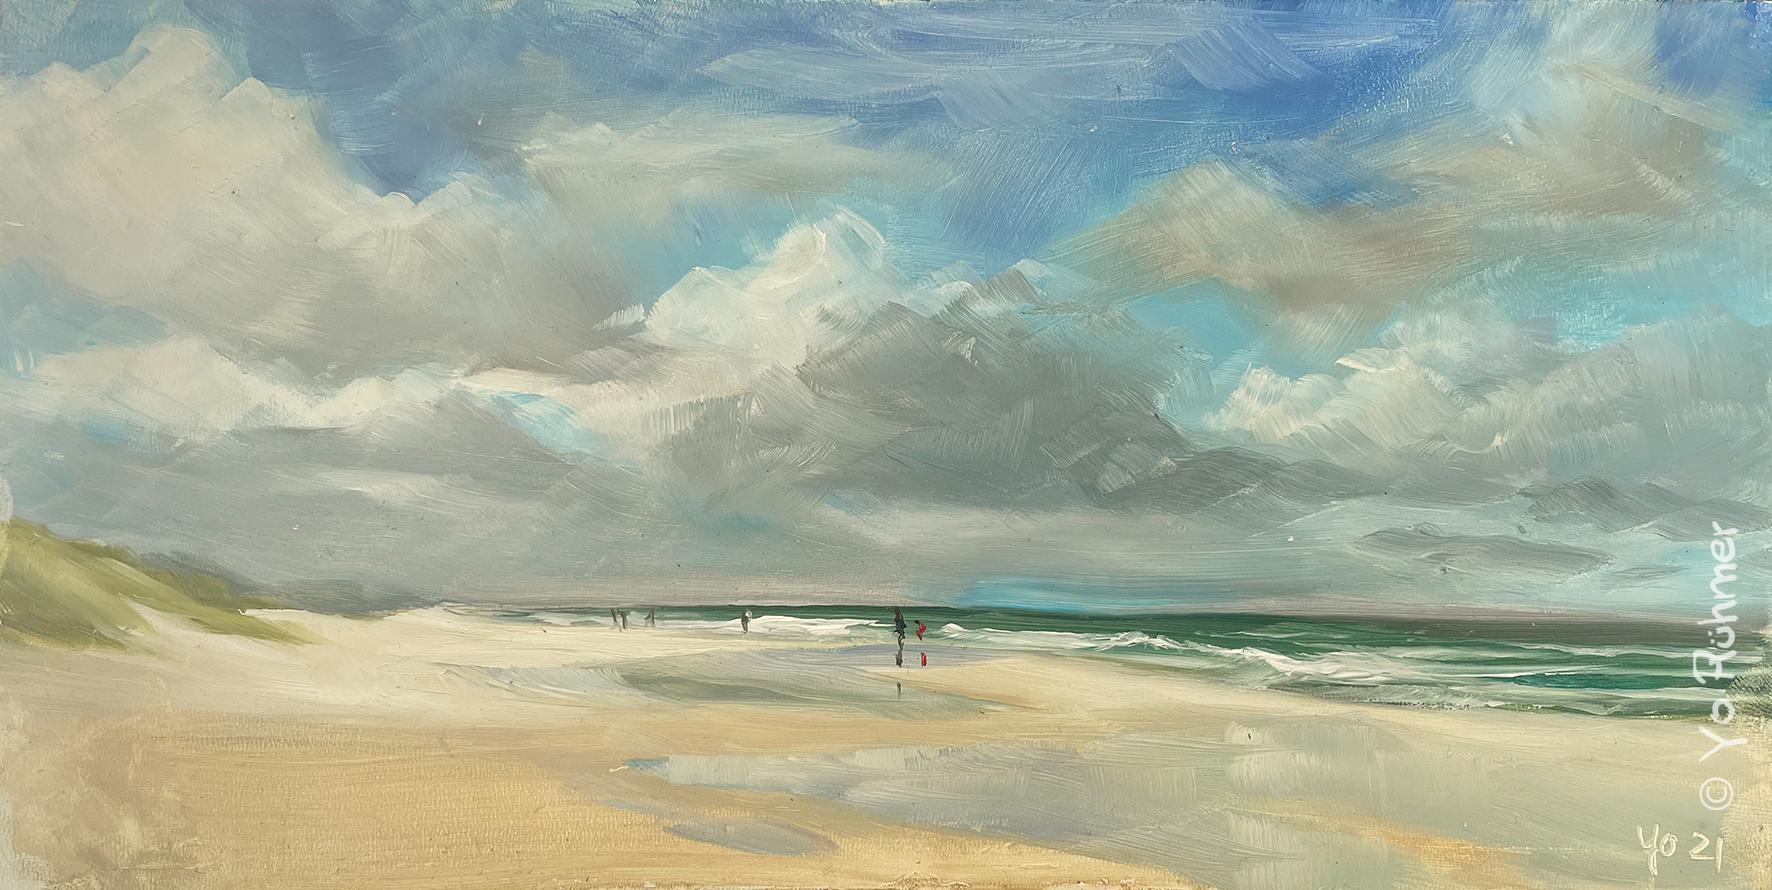 sylt-strand-pleinairmalerei-904